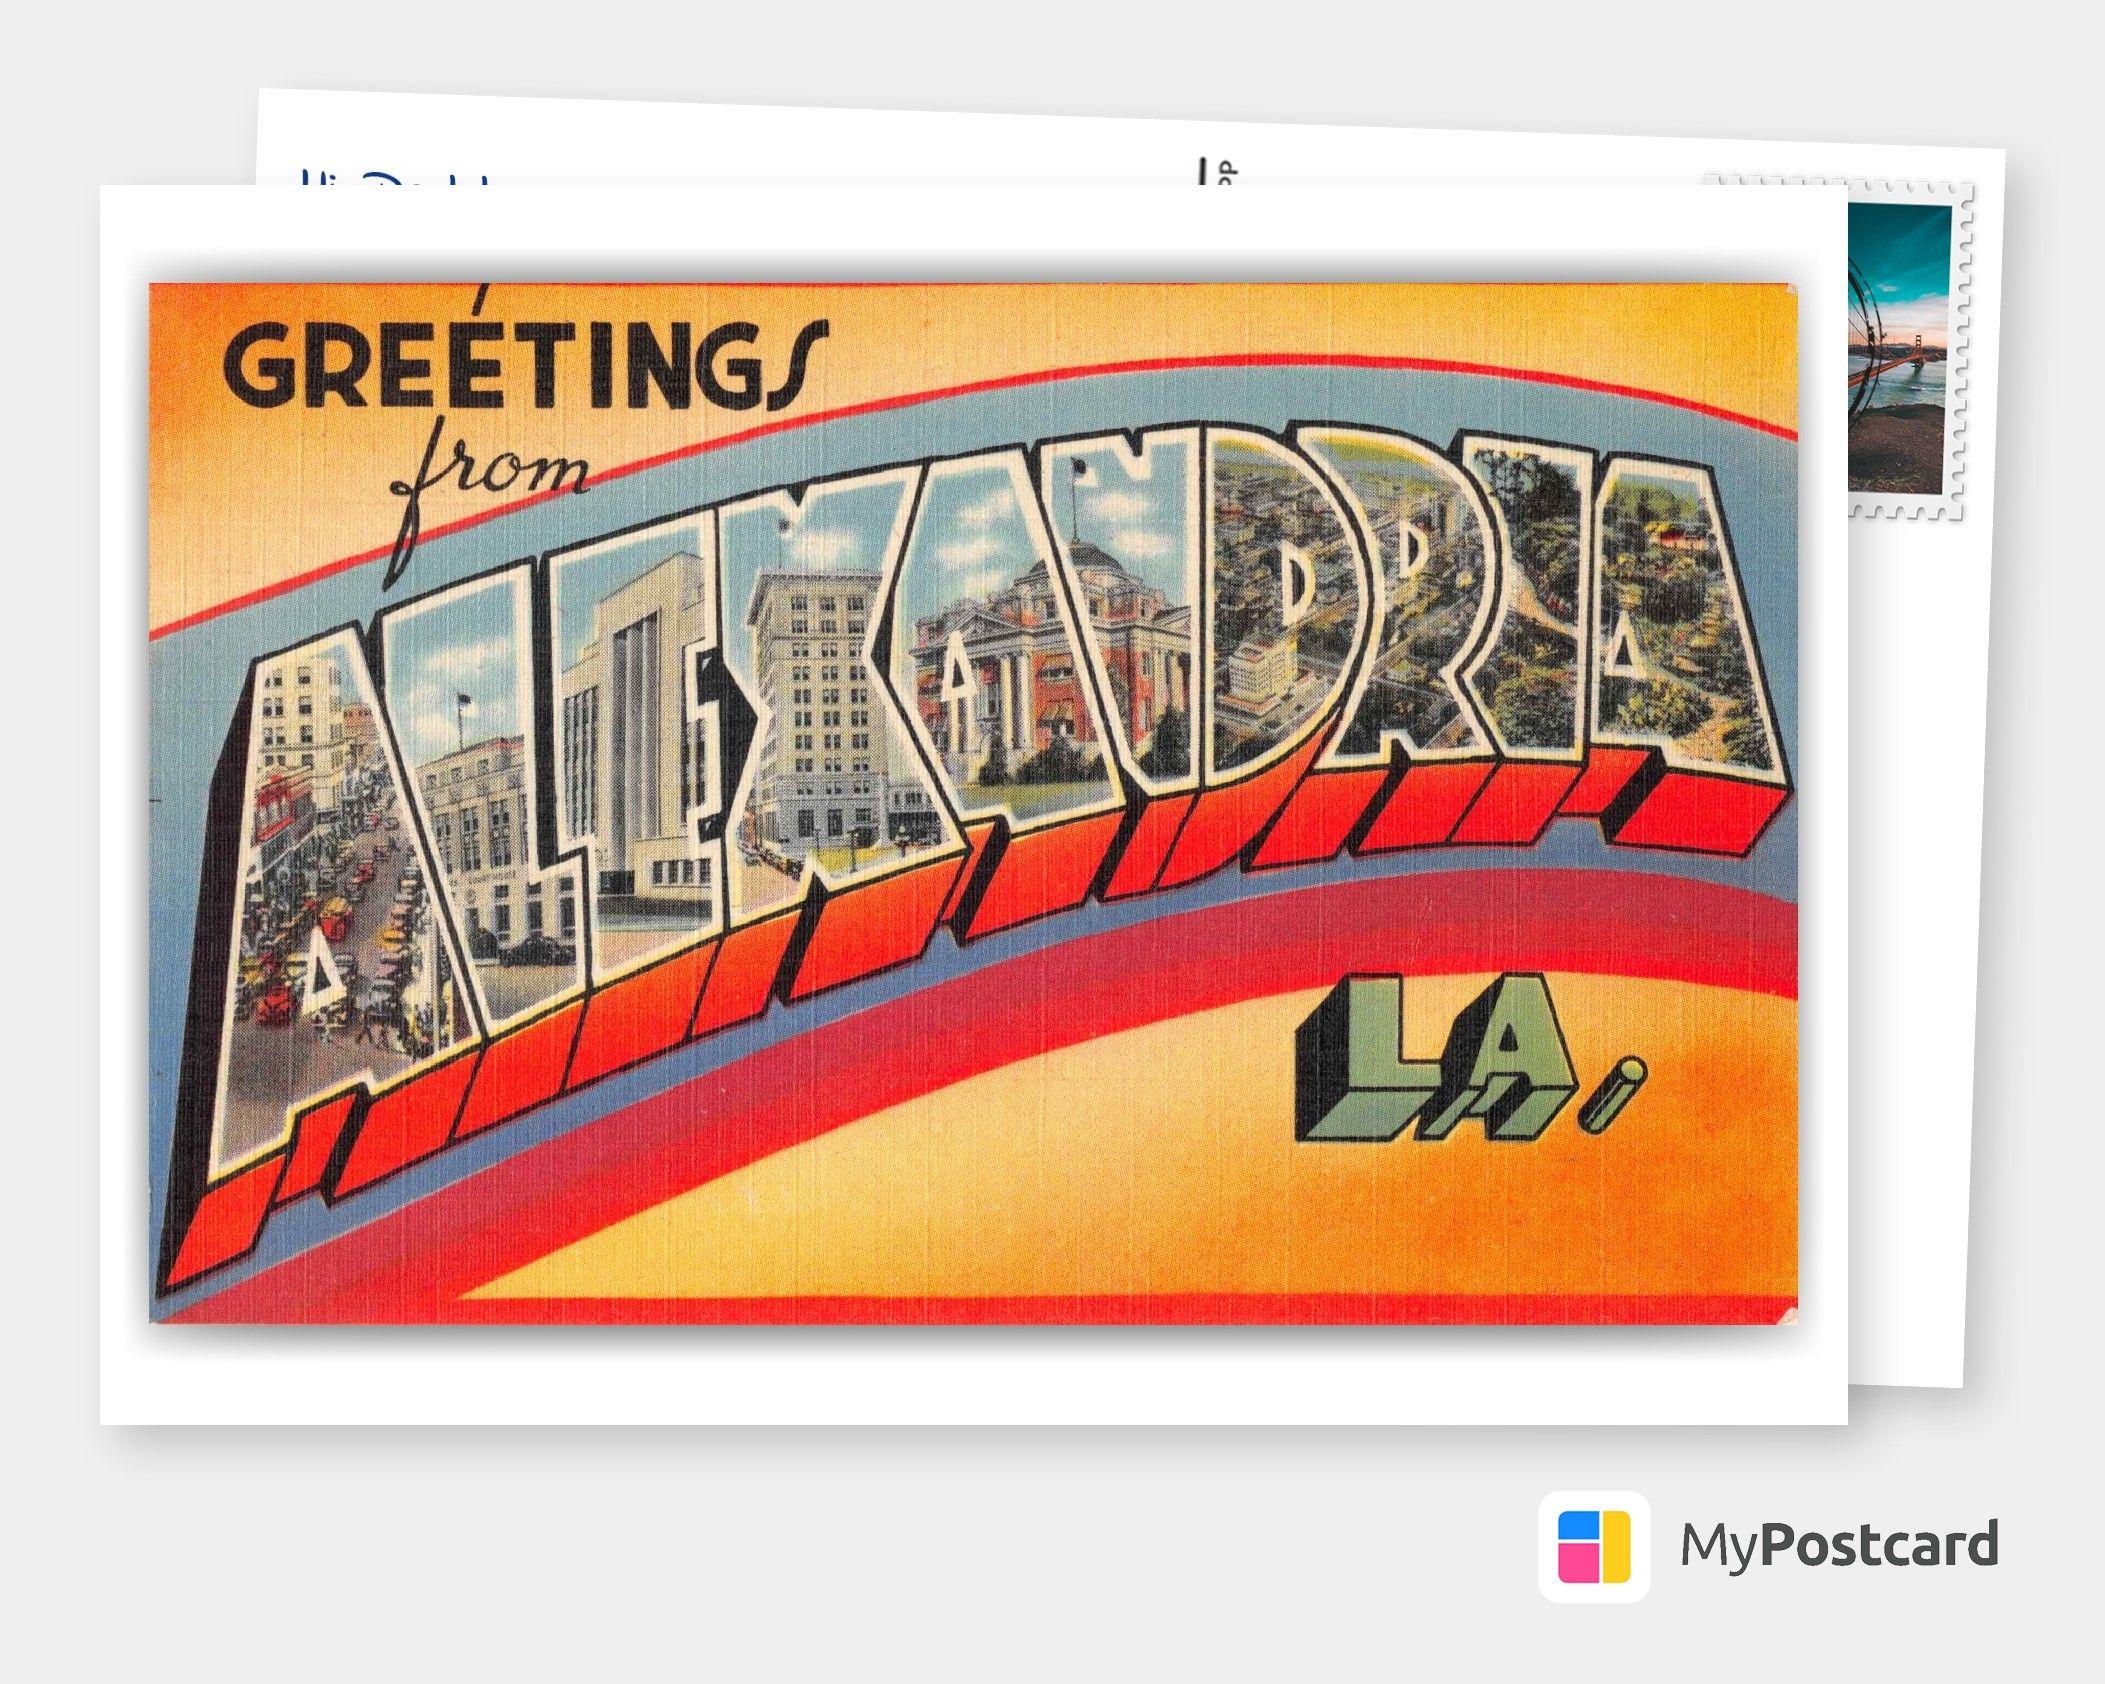 Mit der MyPostcard App Vintage Postkarten und Antike